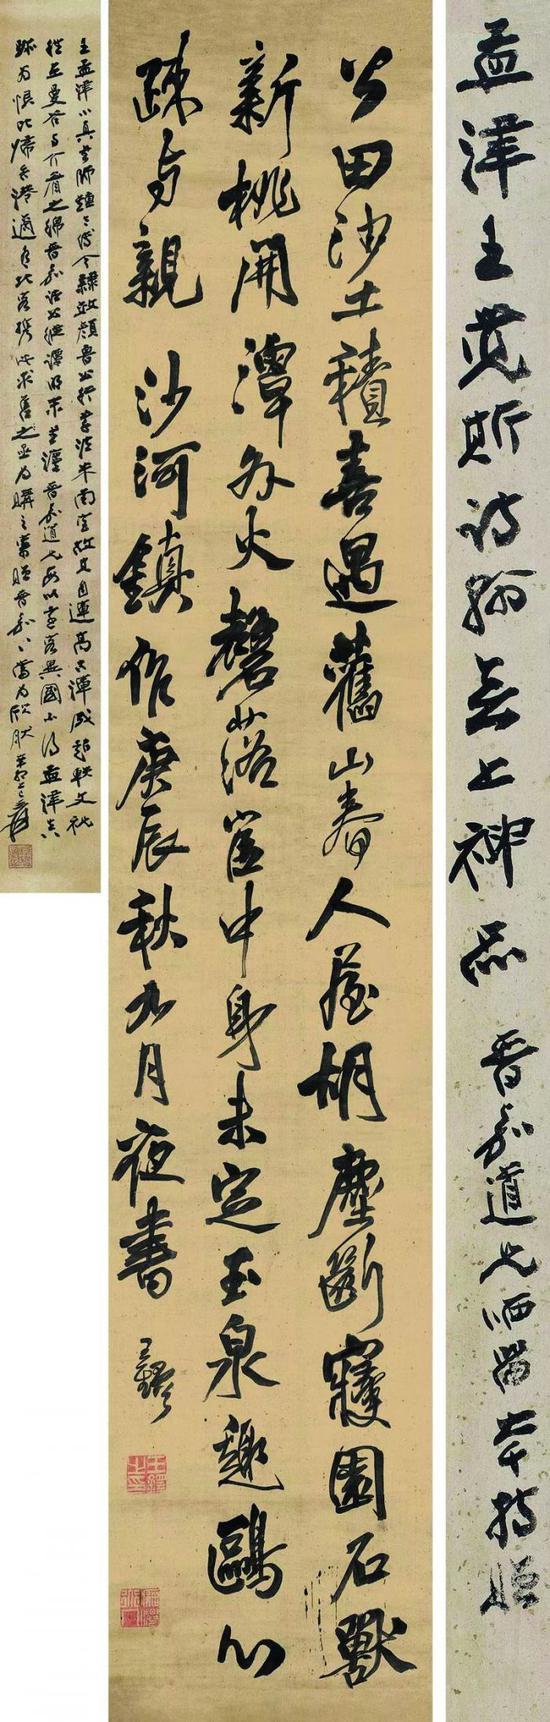 大藏家舊藏的價格浮動